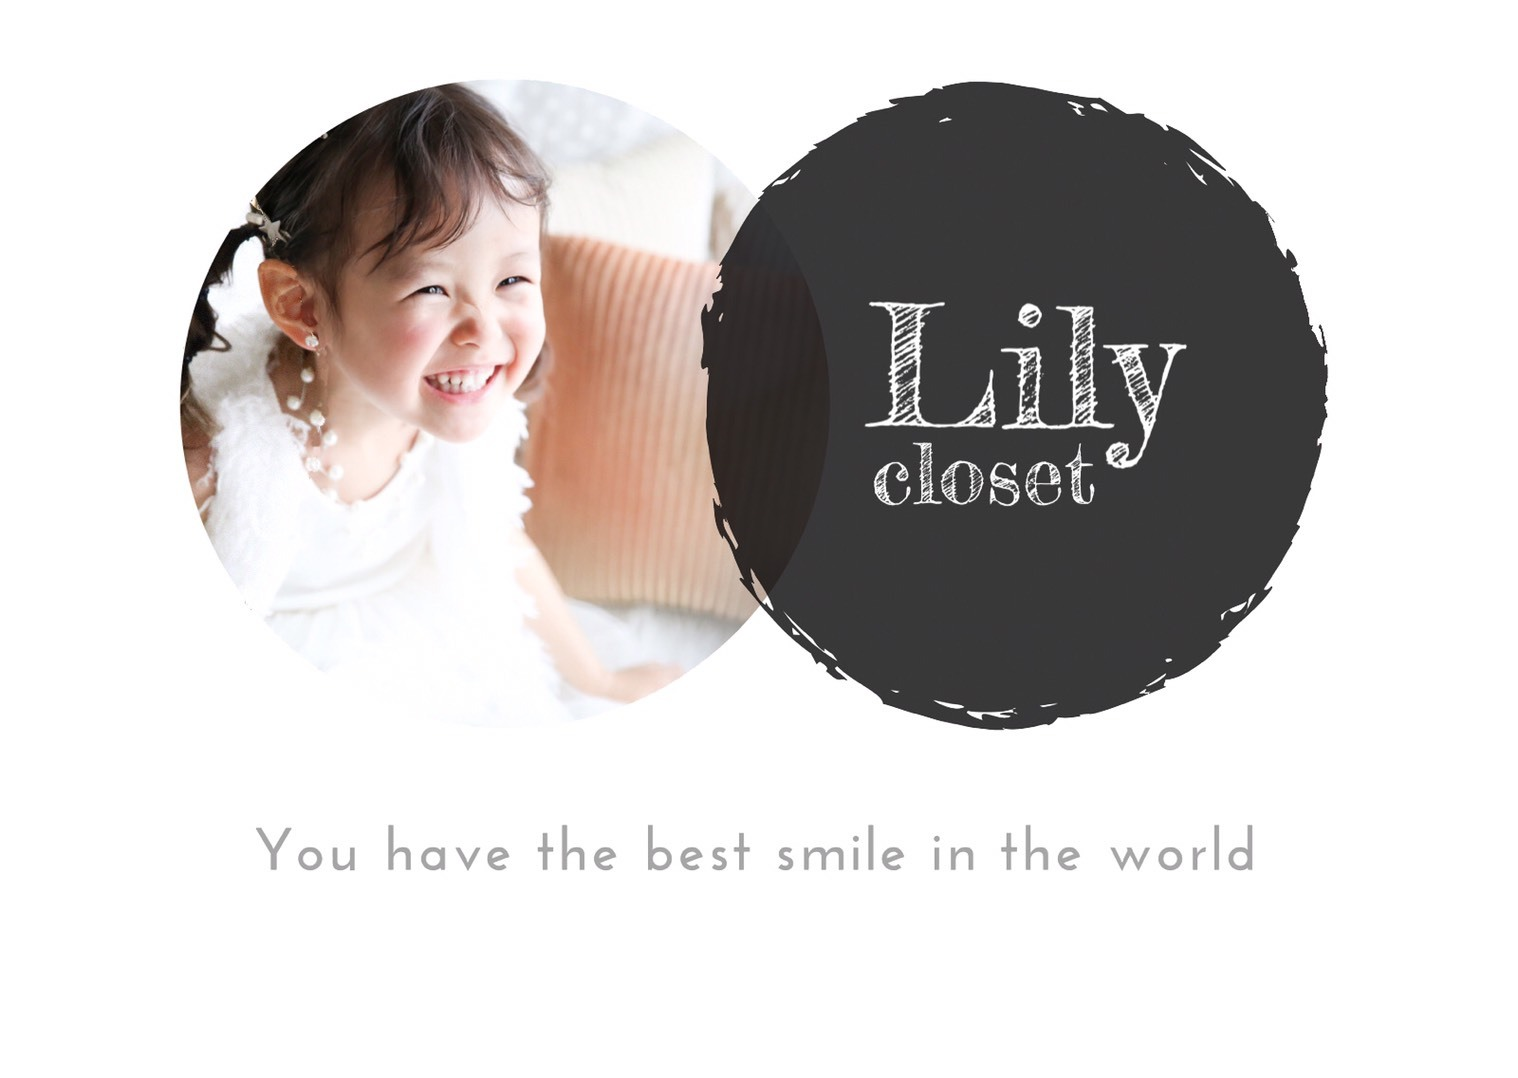 Lily closet リリィクローゼット